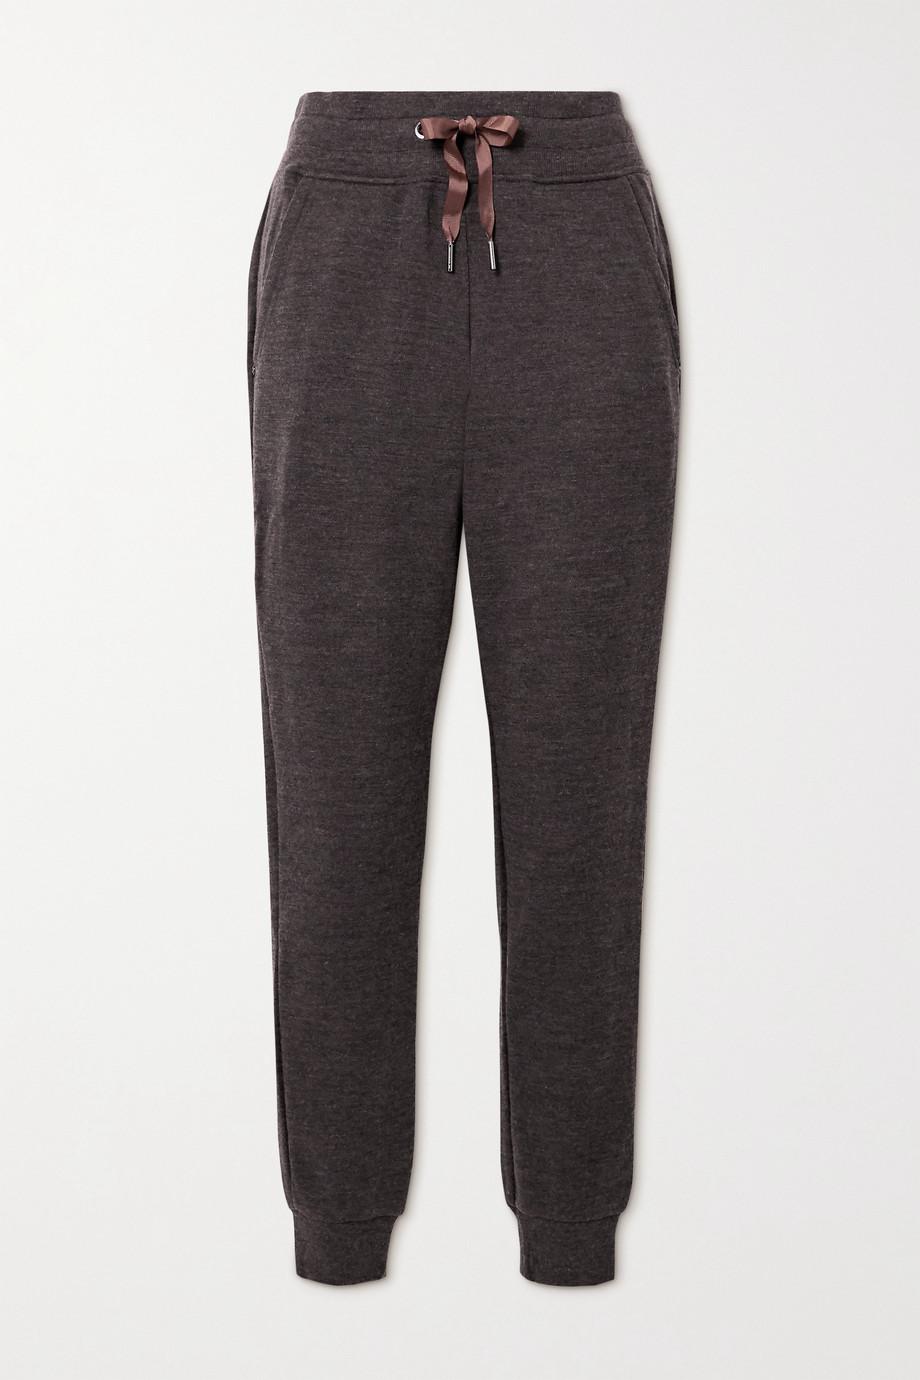 We Norwegians Pantalon de survêtement en laine mérinos Tind